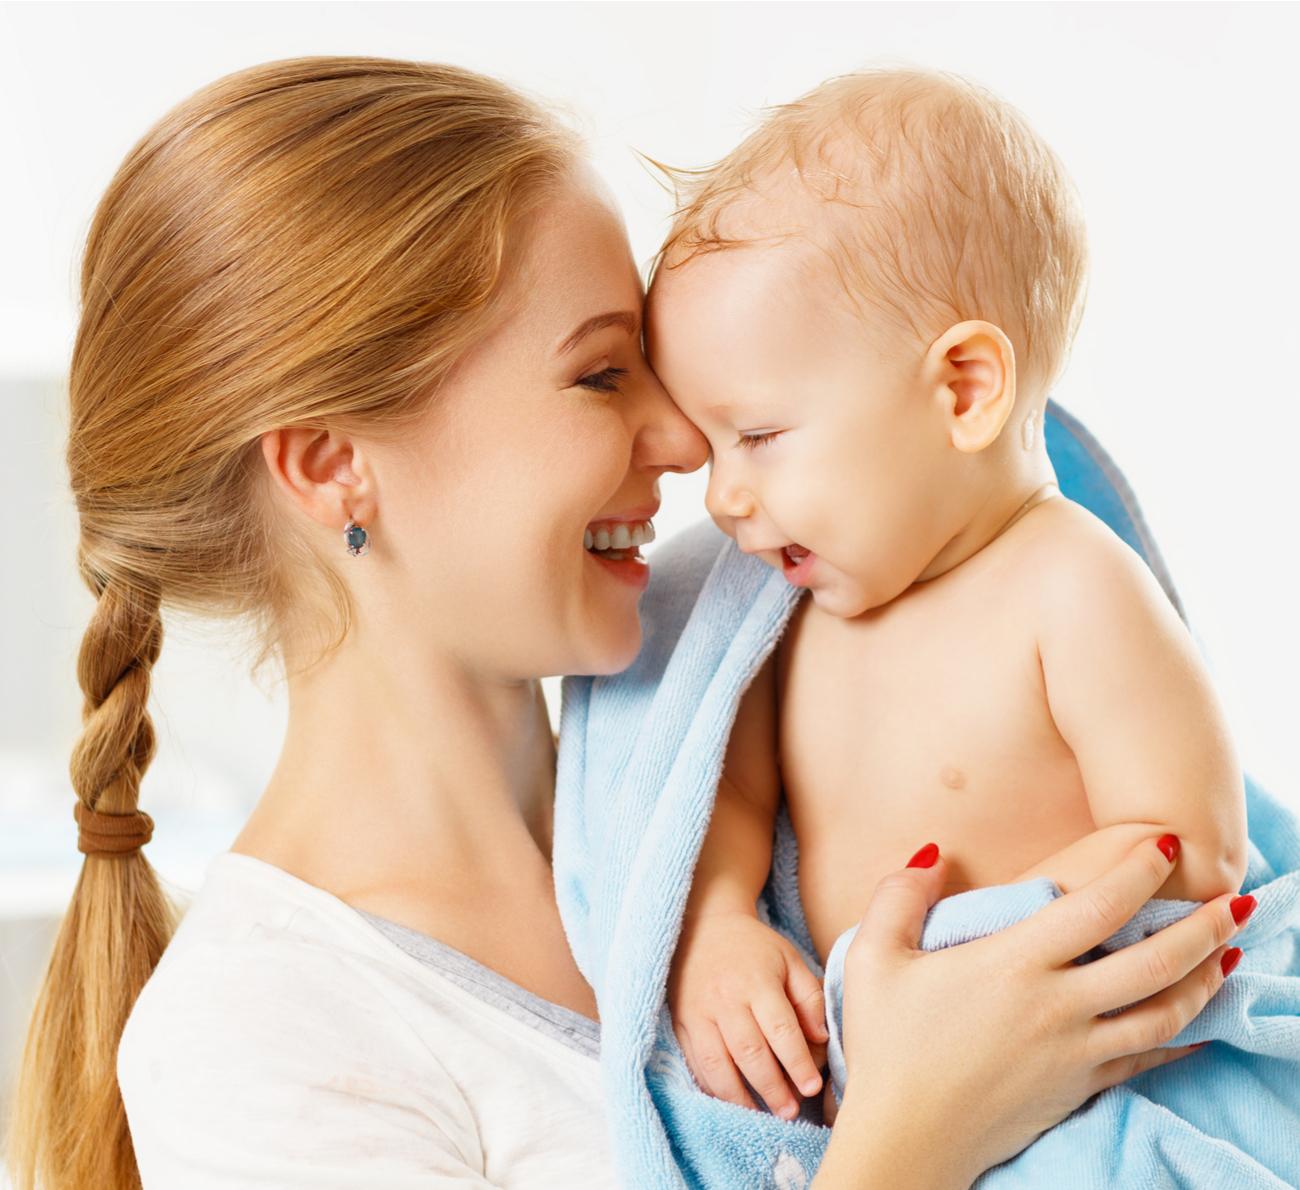 tomar banho com o bebê